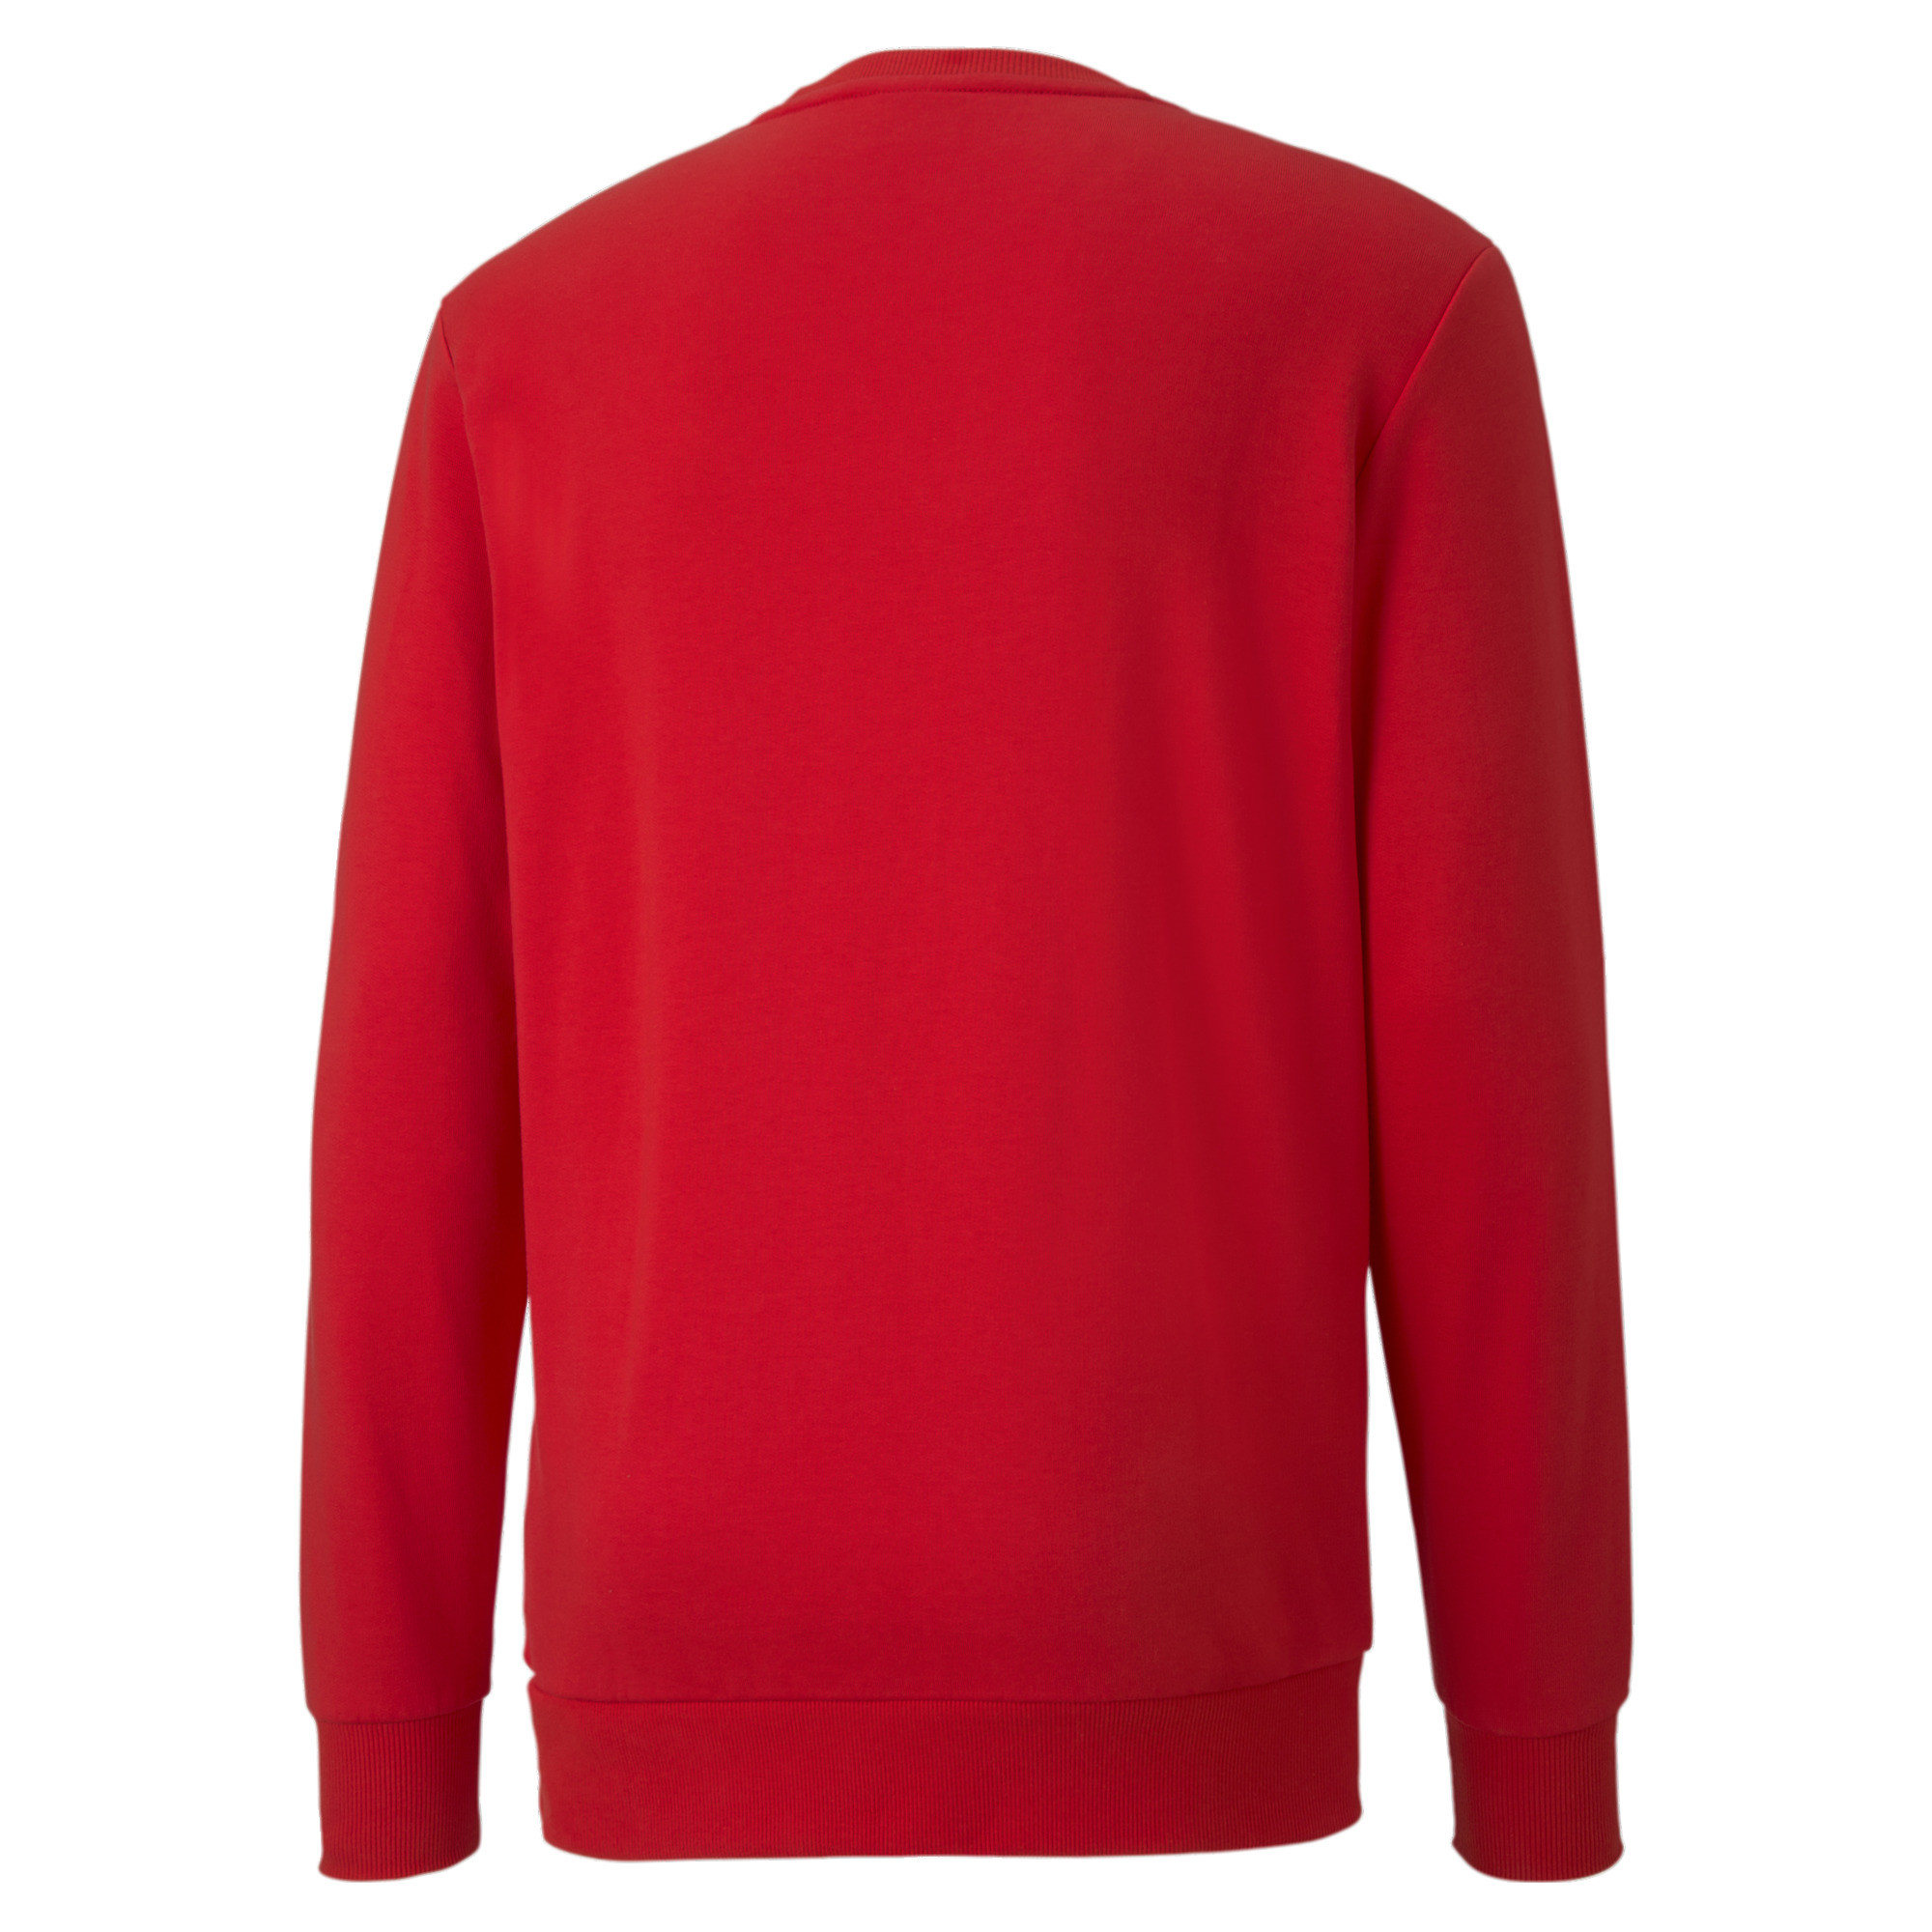 PUMA-Classics-Logo-Men-039-s-Crewneck-Sweatshirt-Men-Sweat-Sport-Classics thumbnail 14